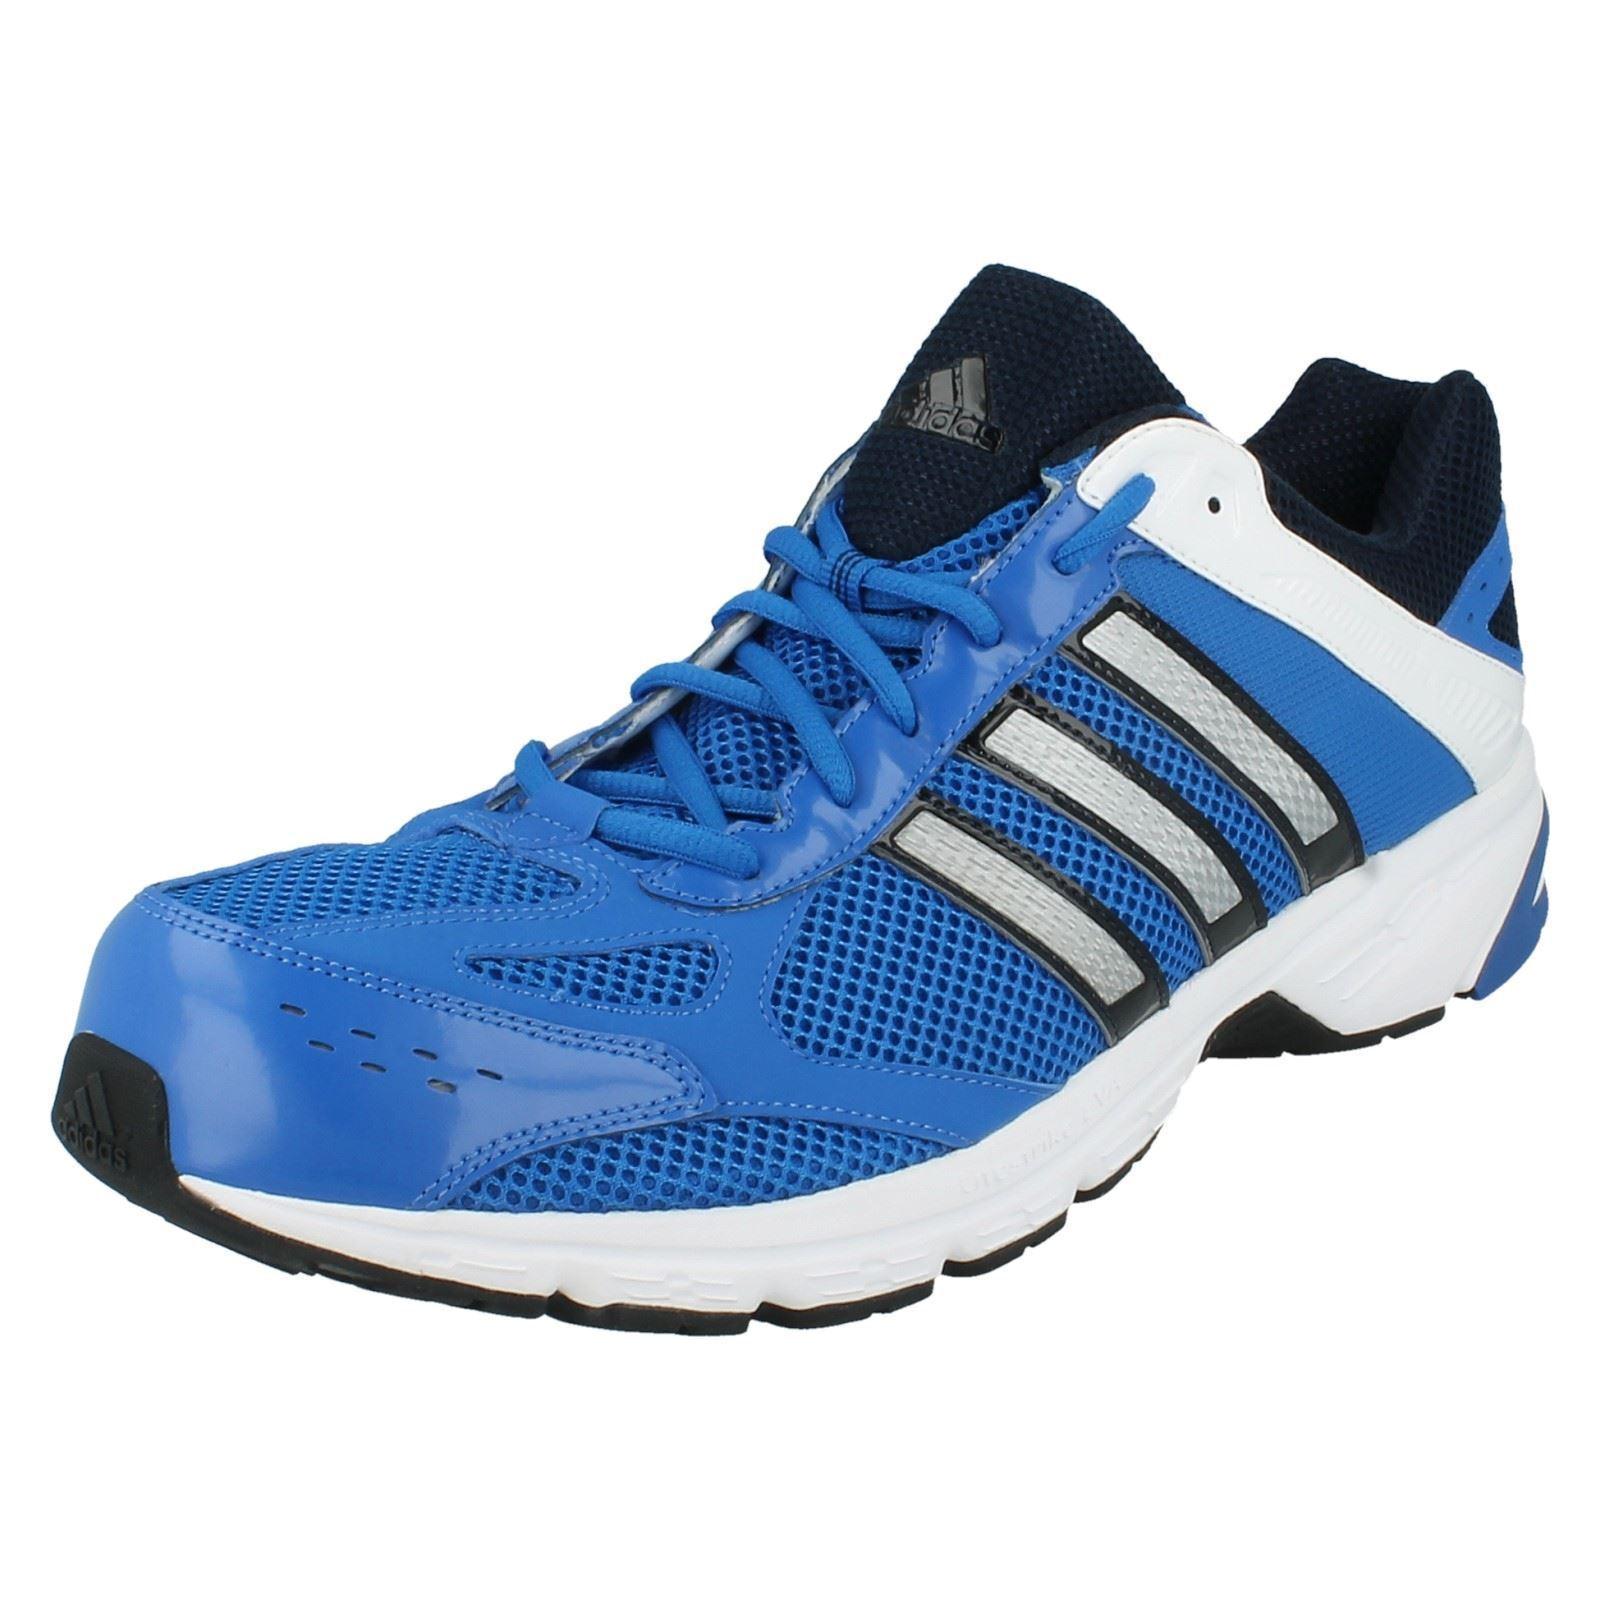 Herren Adidas blau Laufschuhe Duramo 4 m